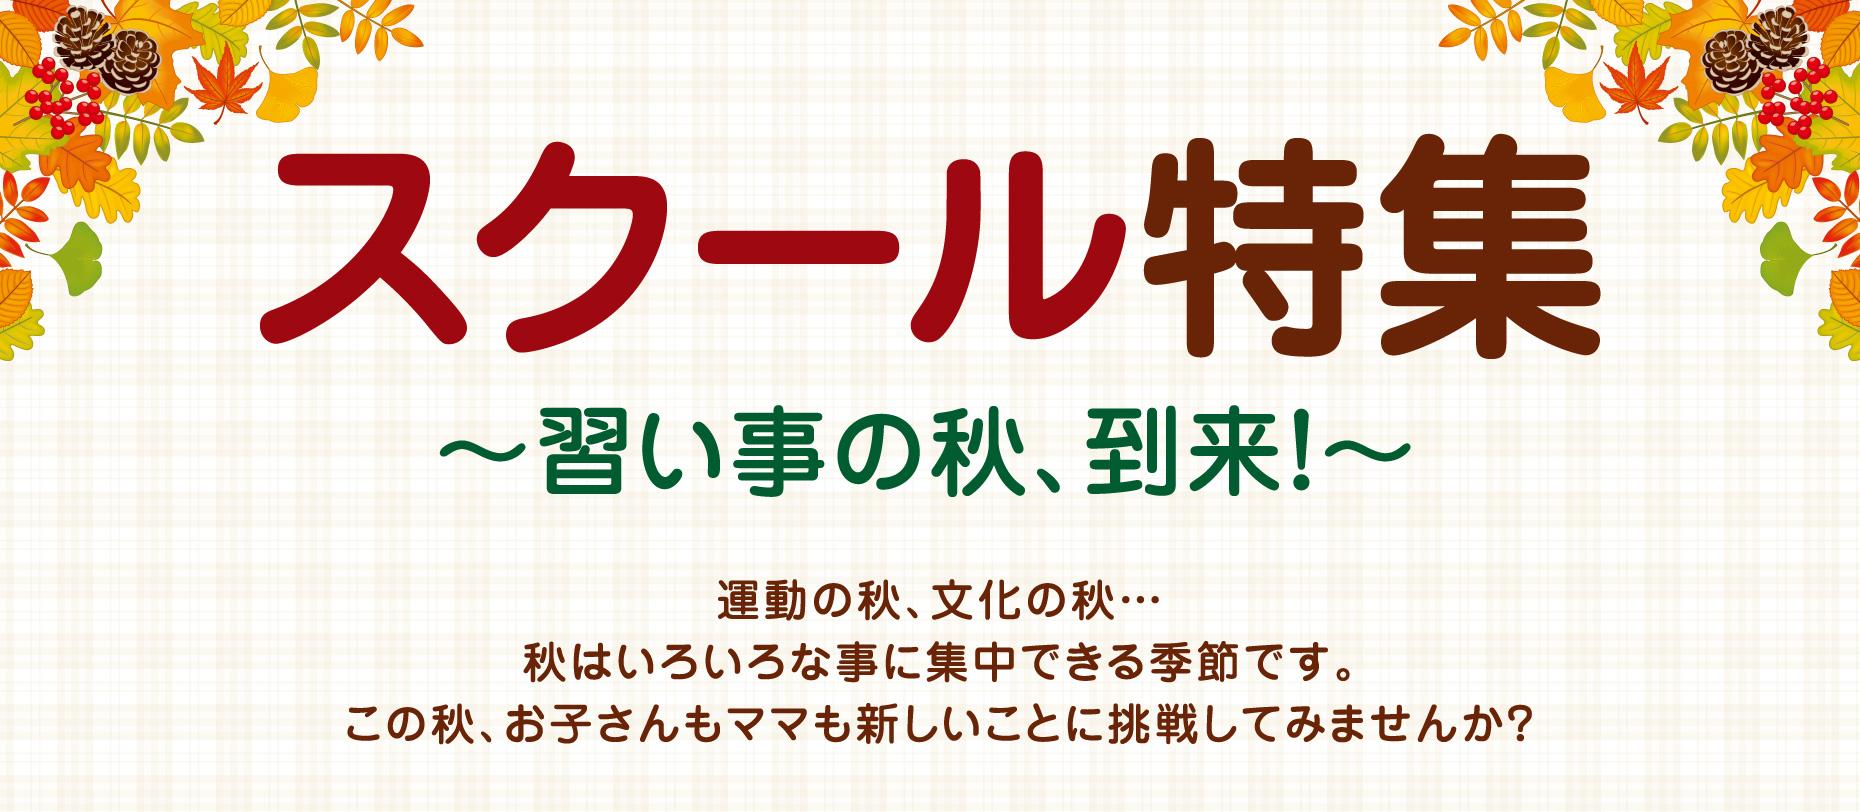 スクール特集〜習い事の秋、到来!〜